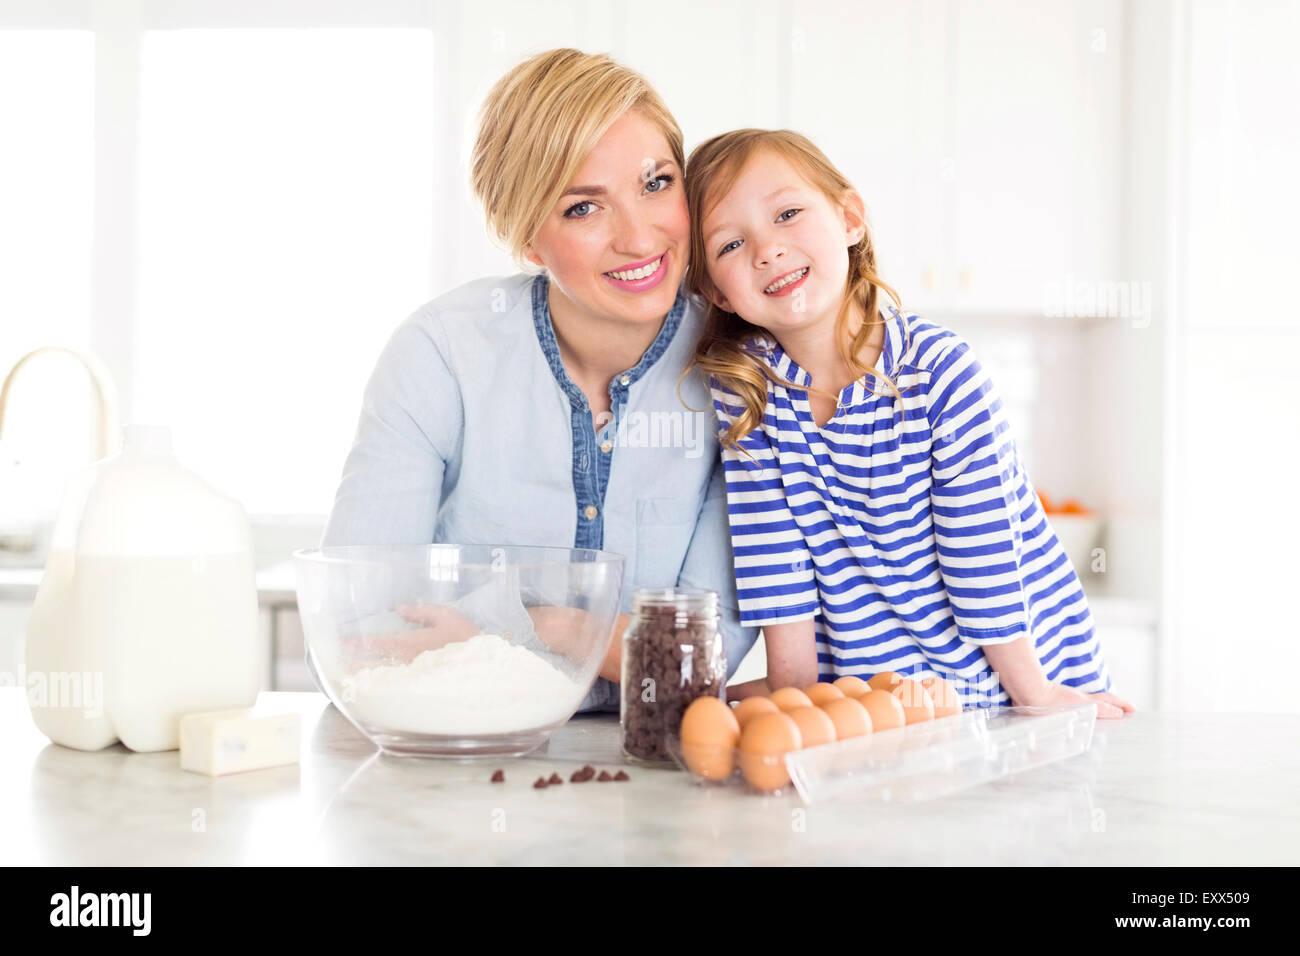 Porträt von Mädchen (4-5) verbringt Zeit mit Mutter in der Küche Stockbild